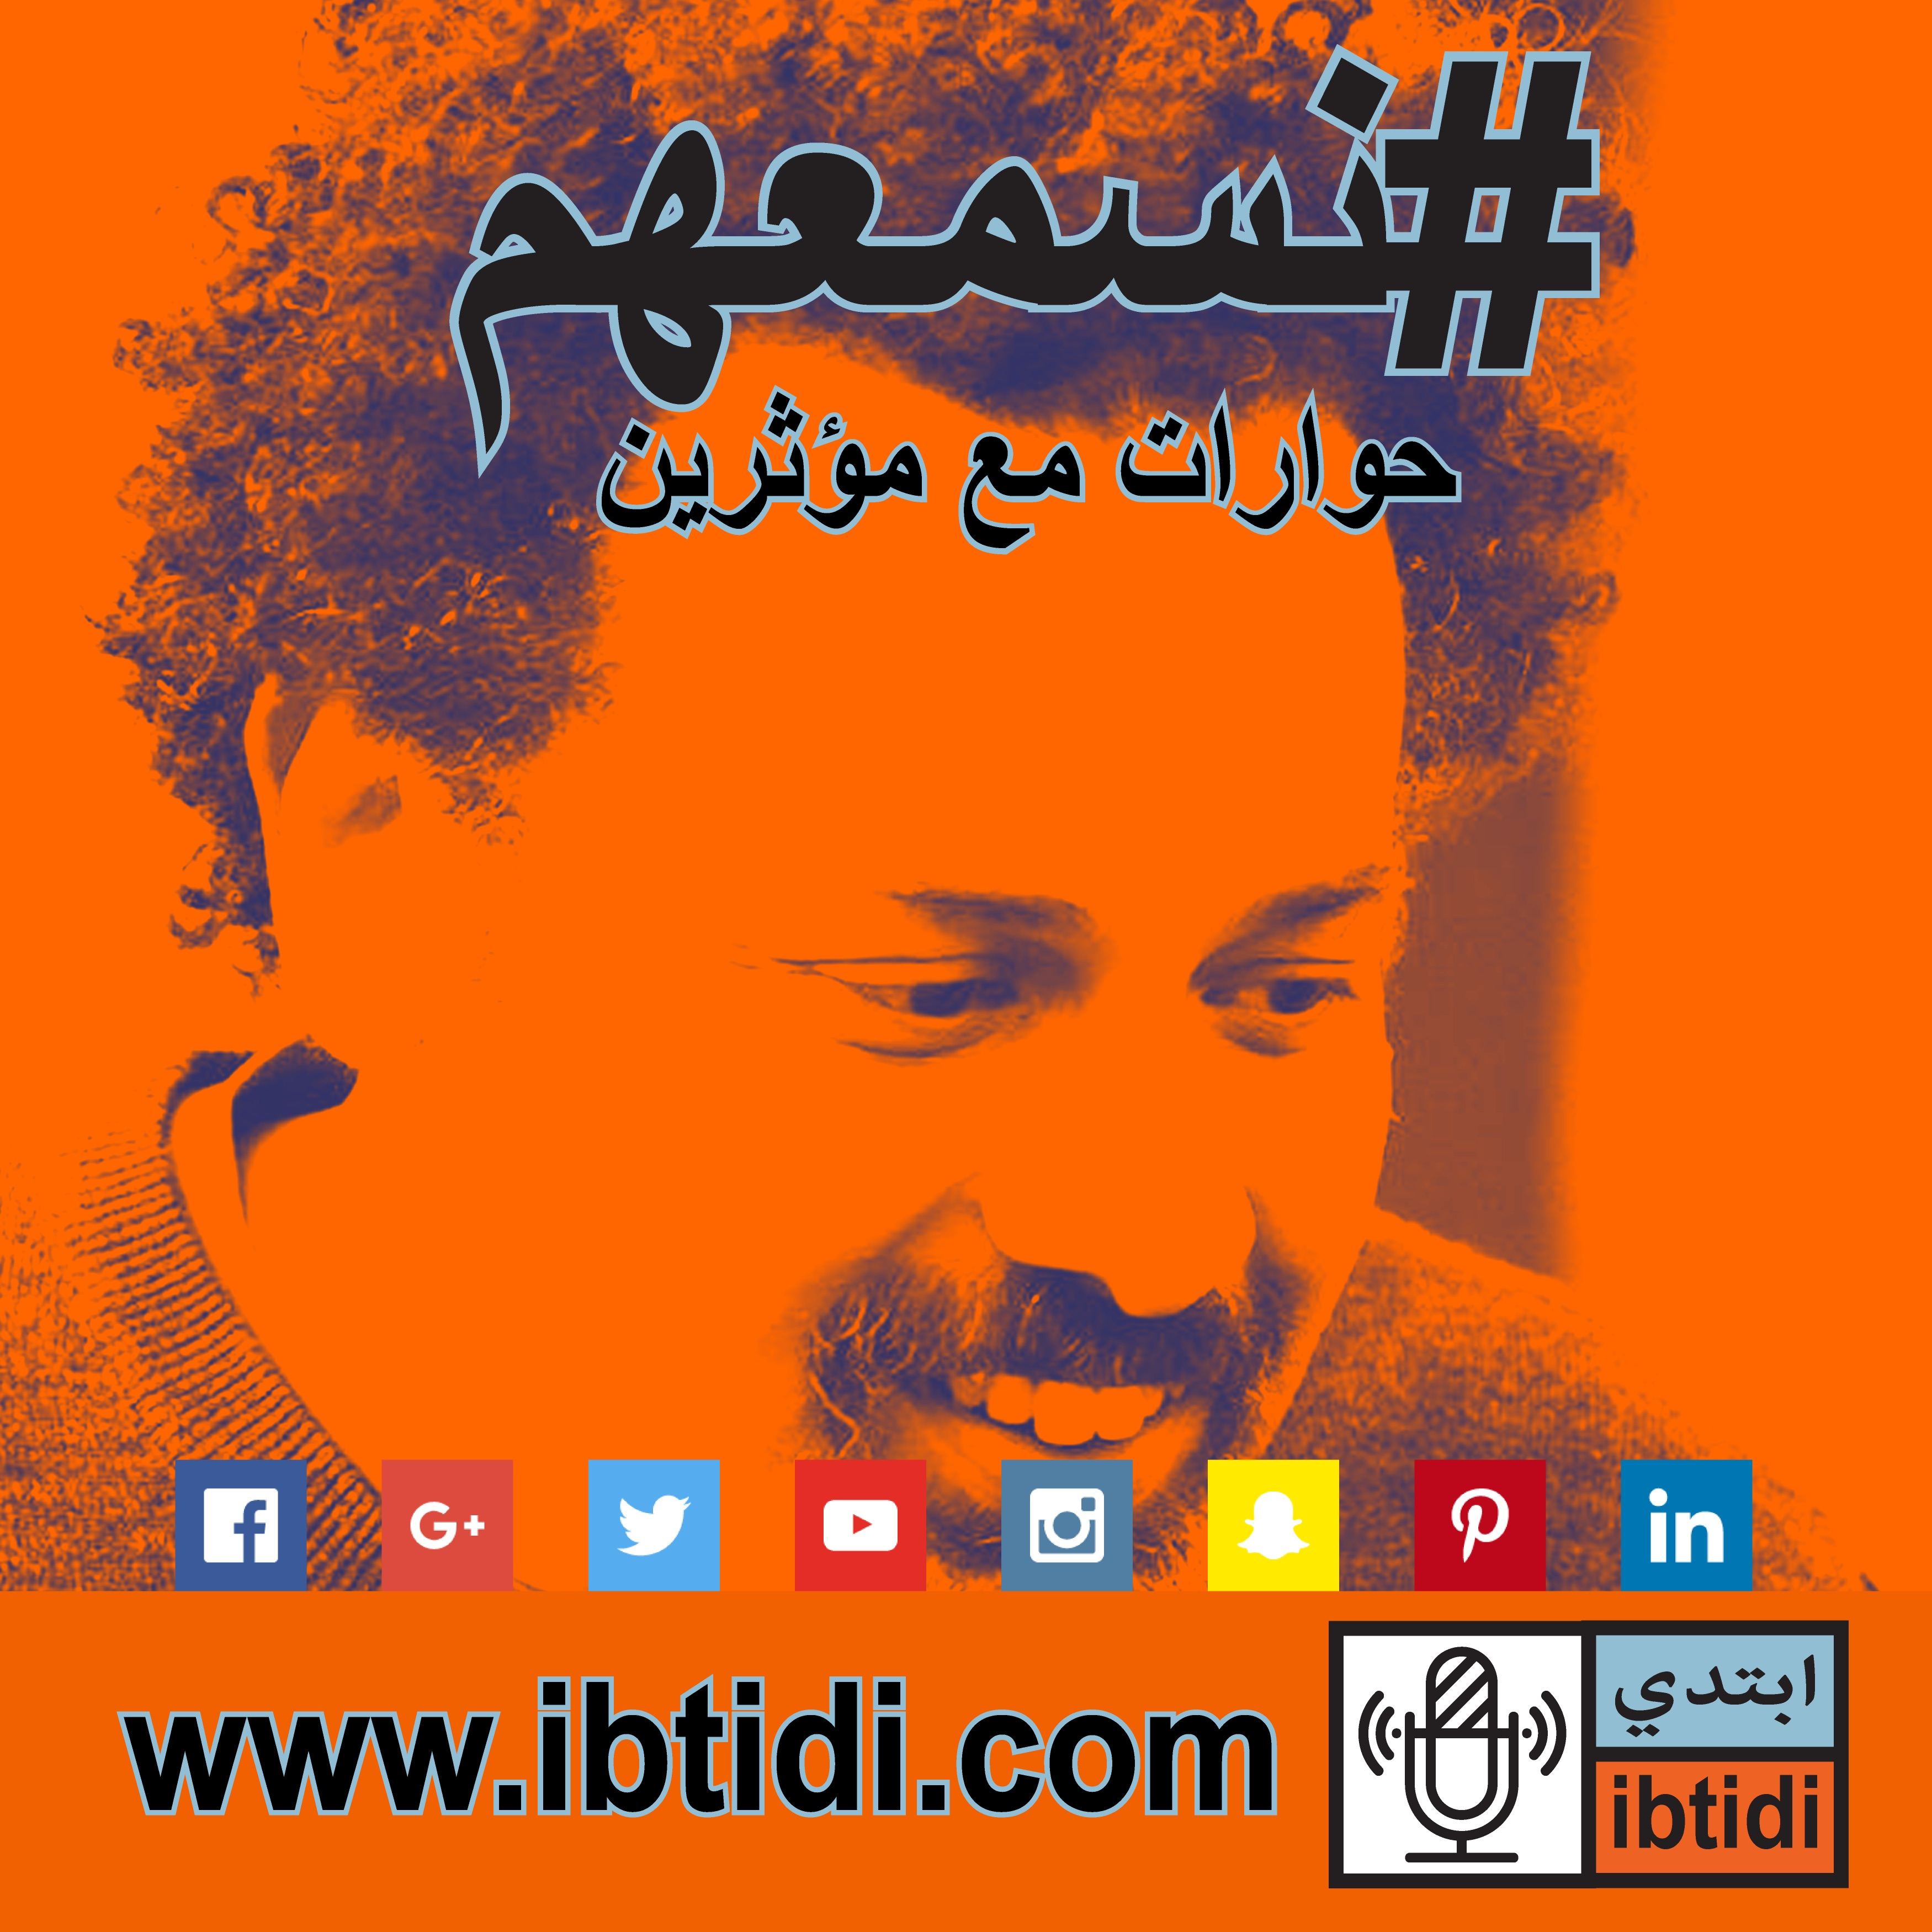 برنامج #نسمعهم - حلقة ٠١٥- وائل عباس - وهم حيادية الأنترنيت